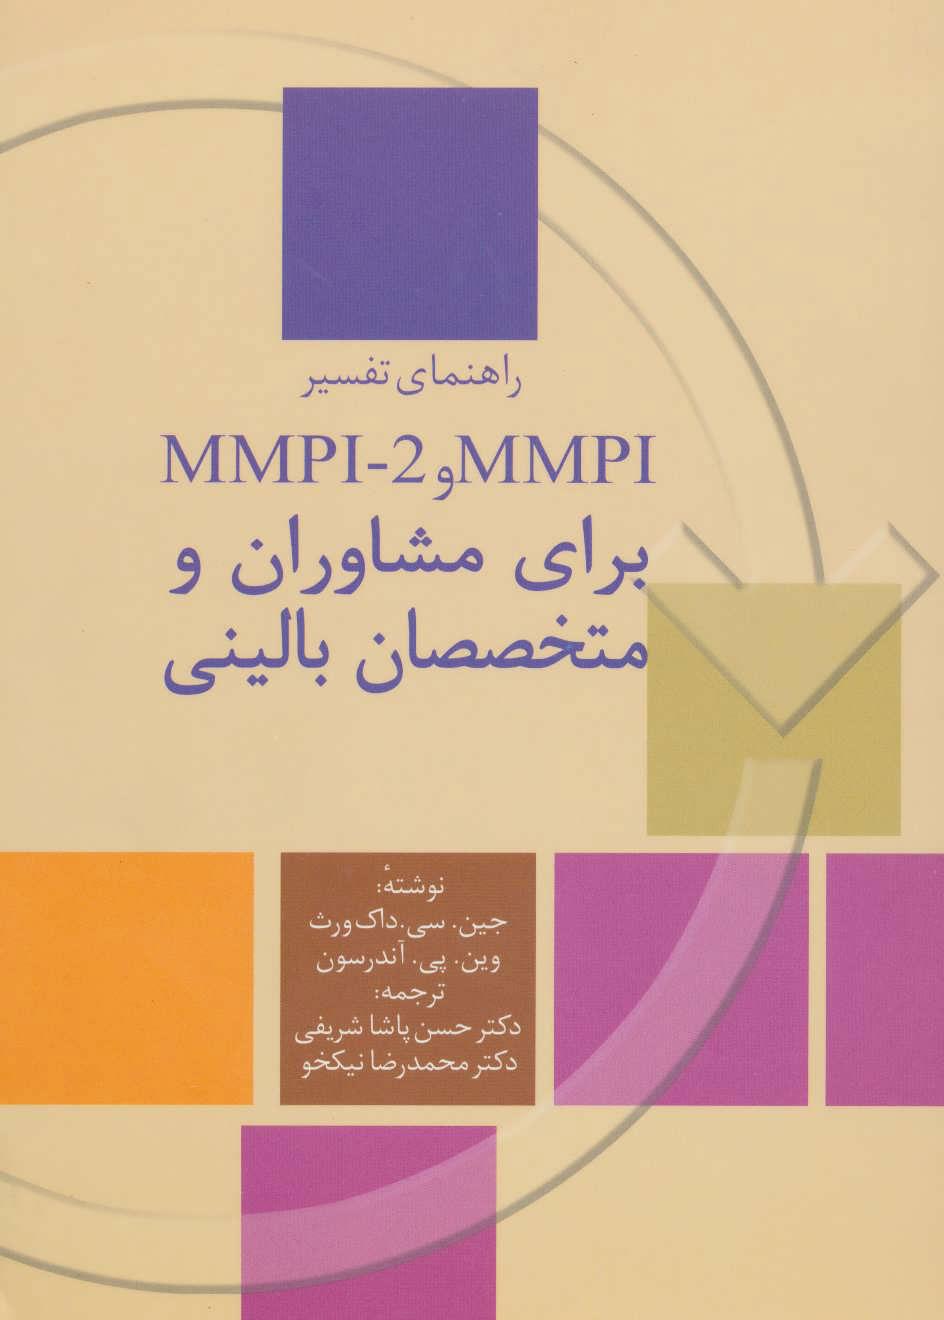 کتاب راهنمای تفسیر MMPI و MMPI-2 برای مشاوران و متخصصان بالینی